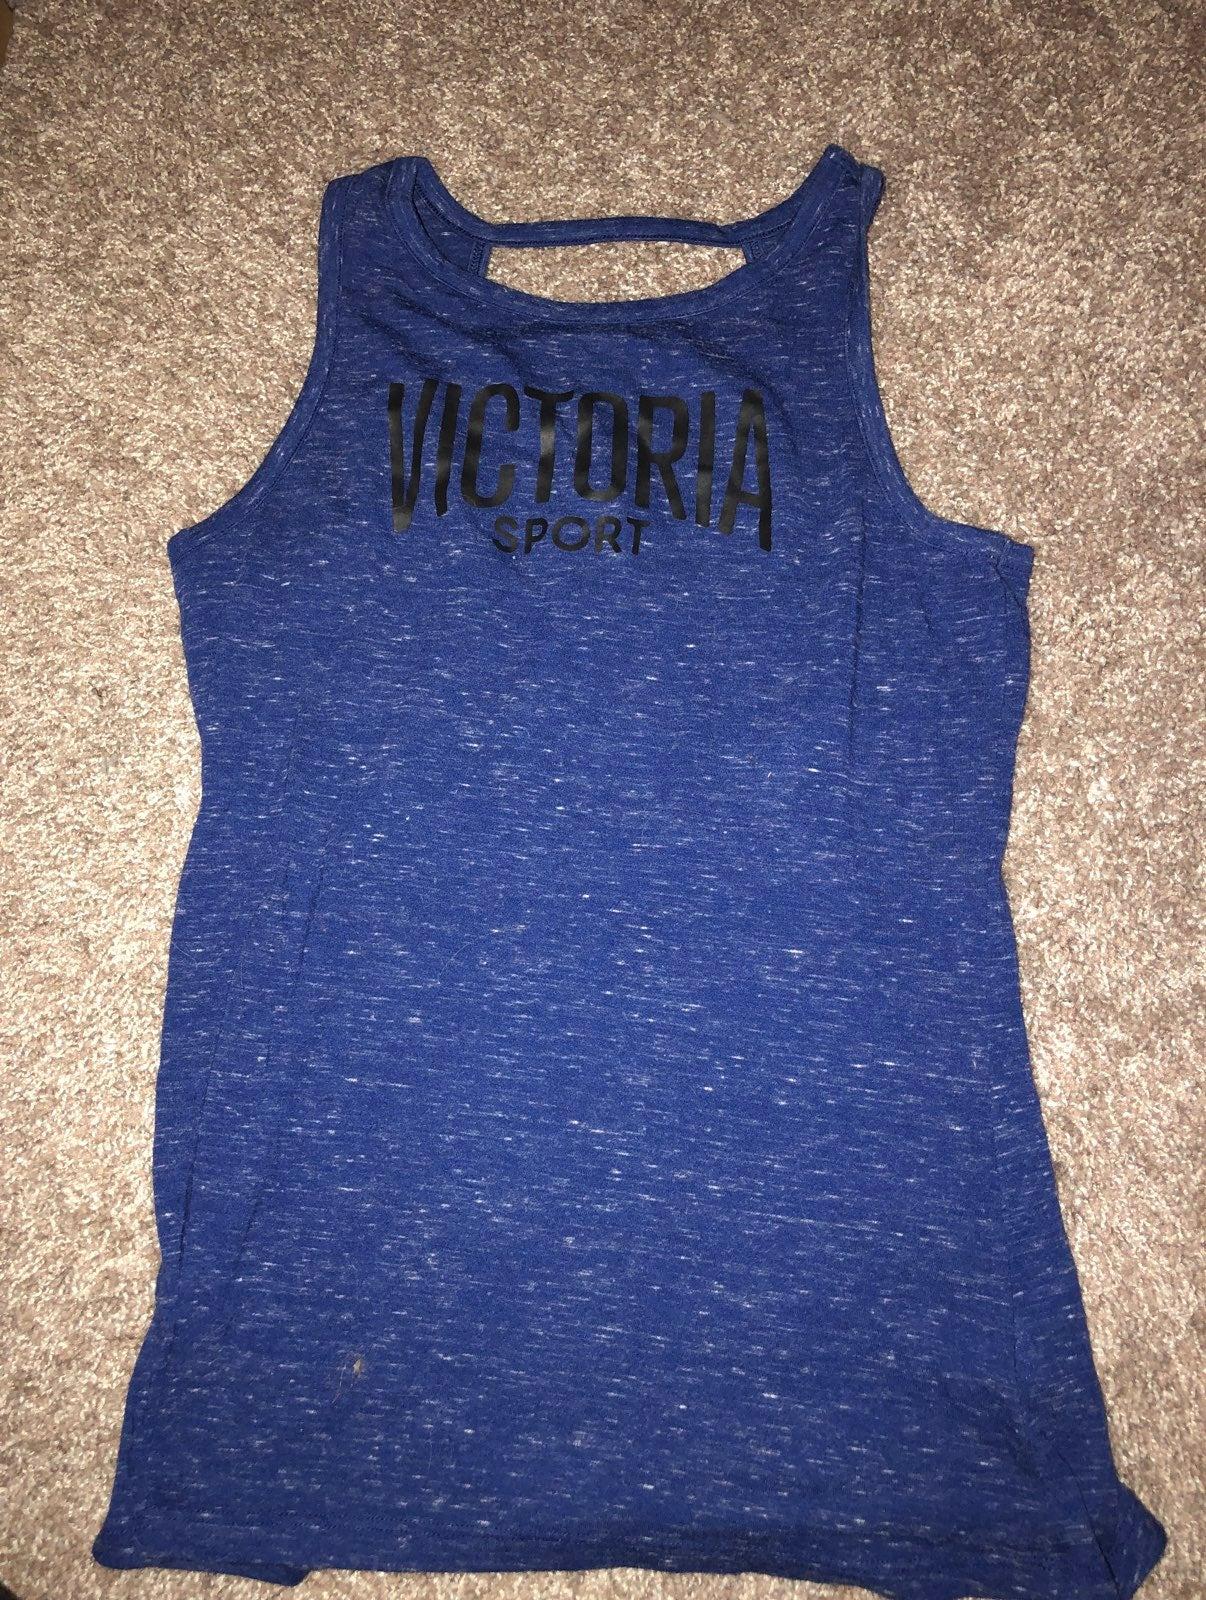 Victoria Secret Tank Top